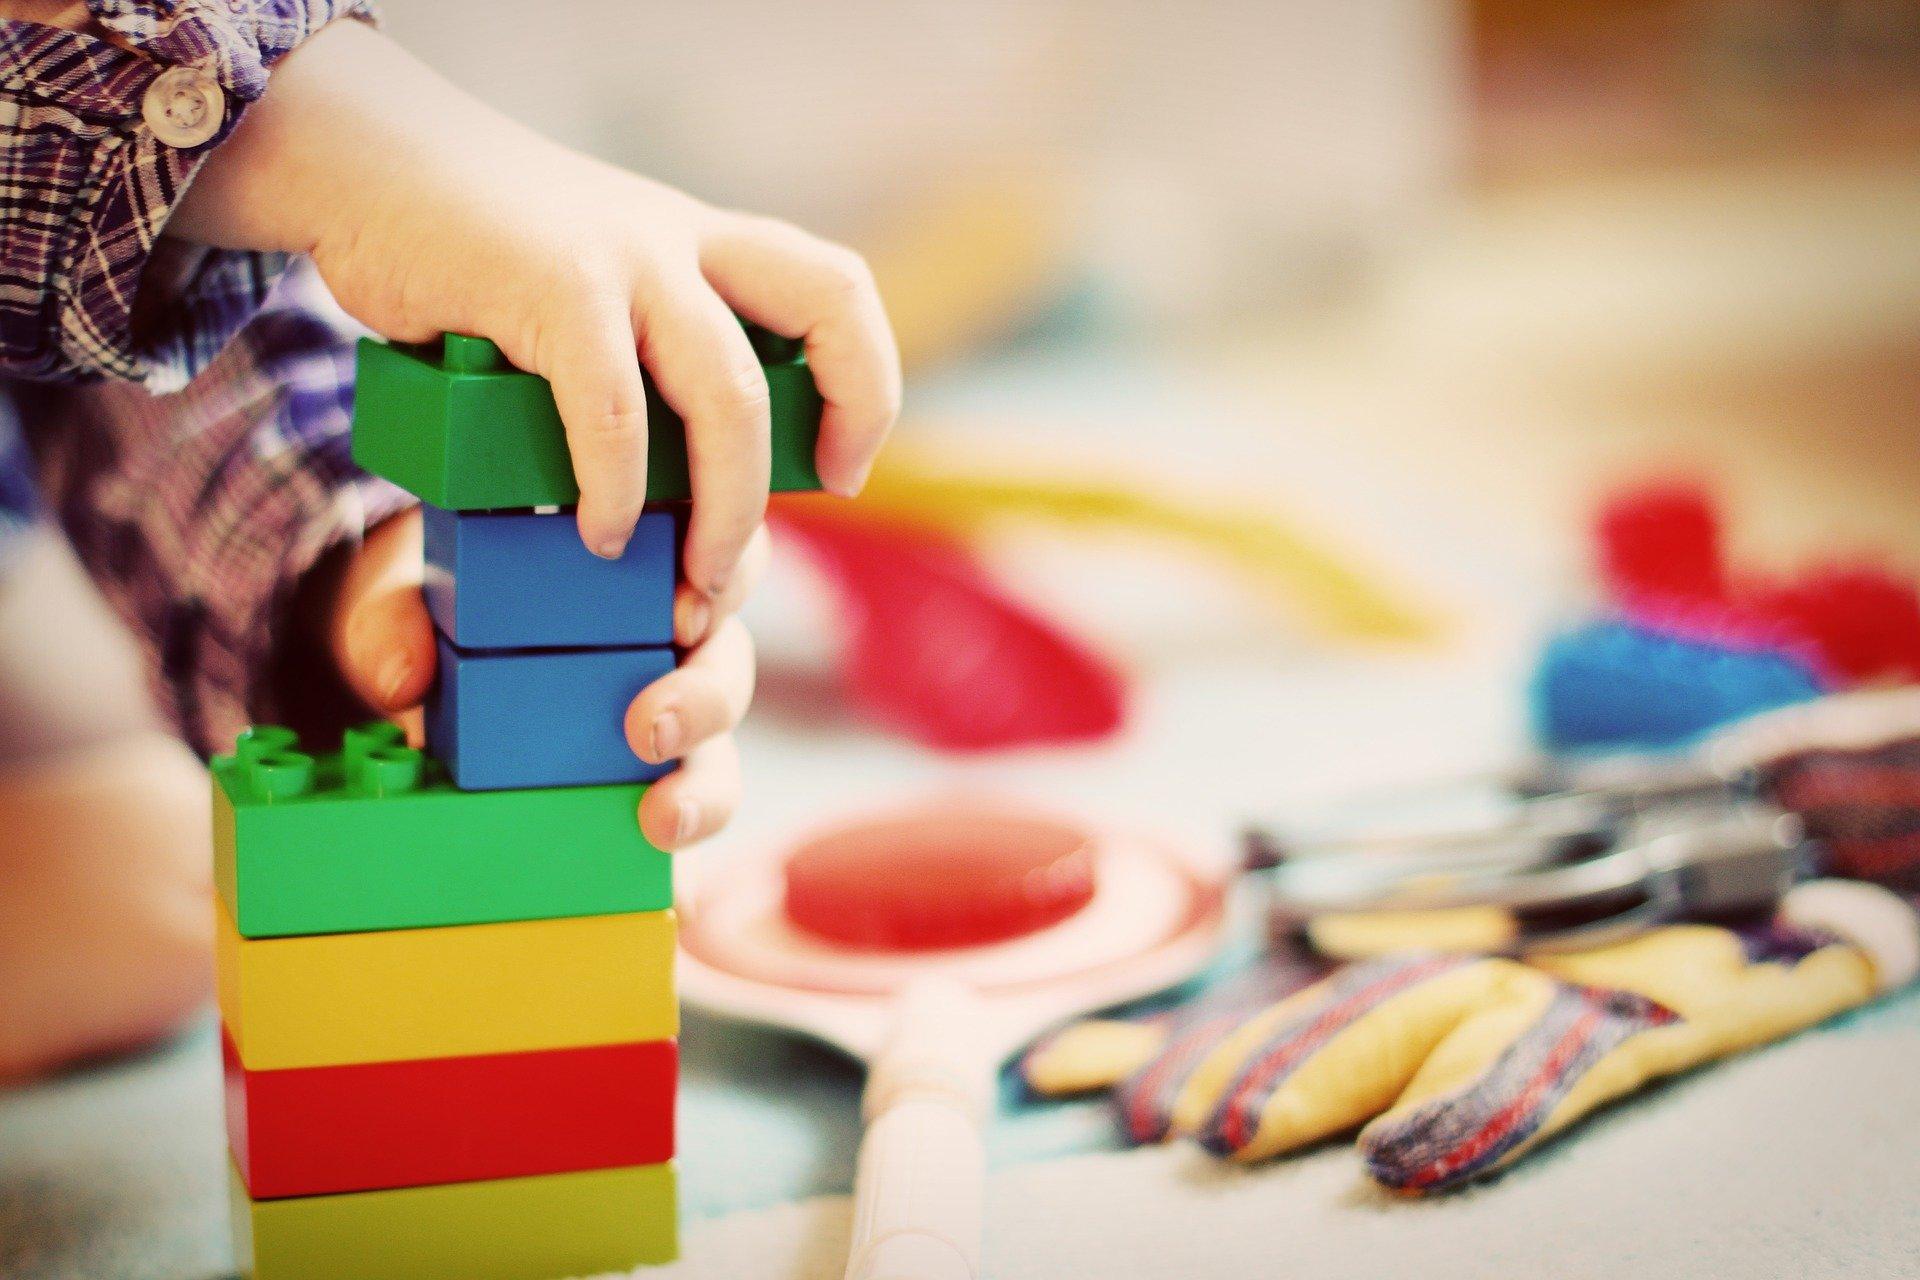 بازی های فکری؛ زمینه ساز رشد و تقویت ذهن کودکان و نوجوانان